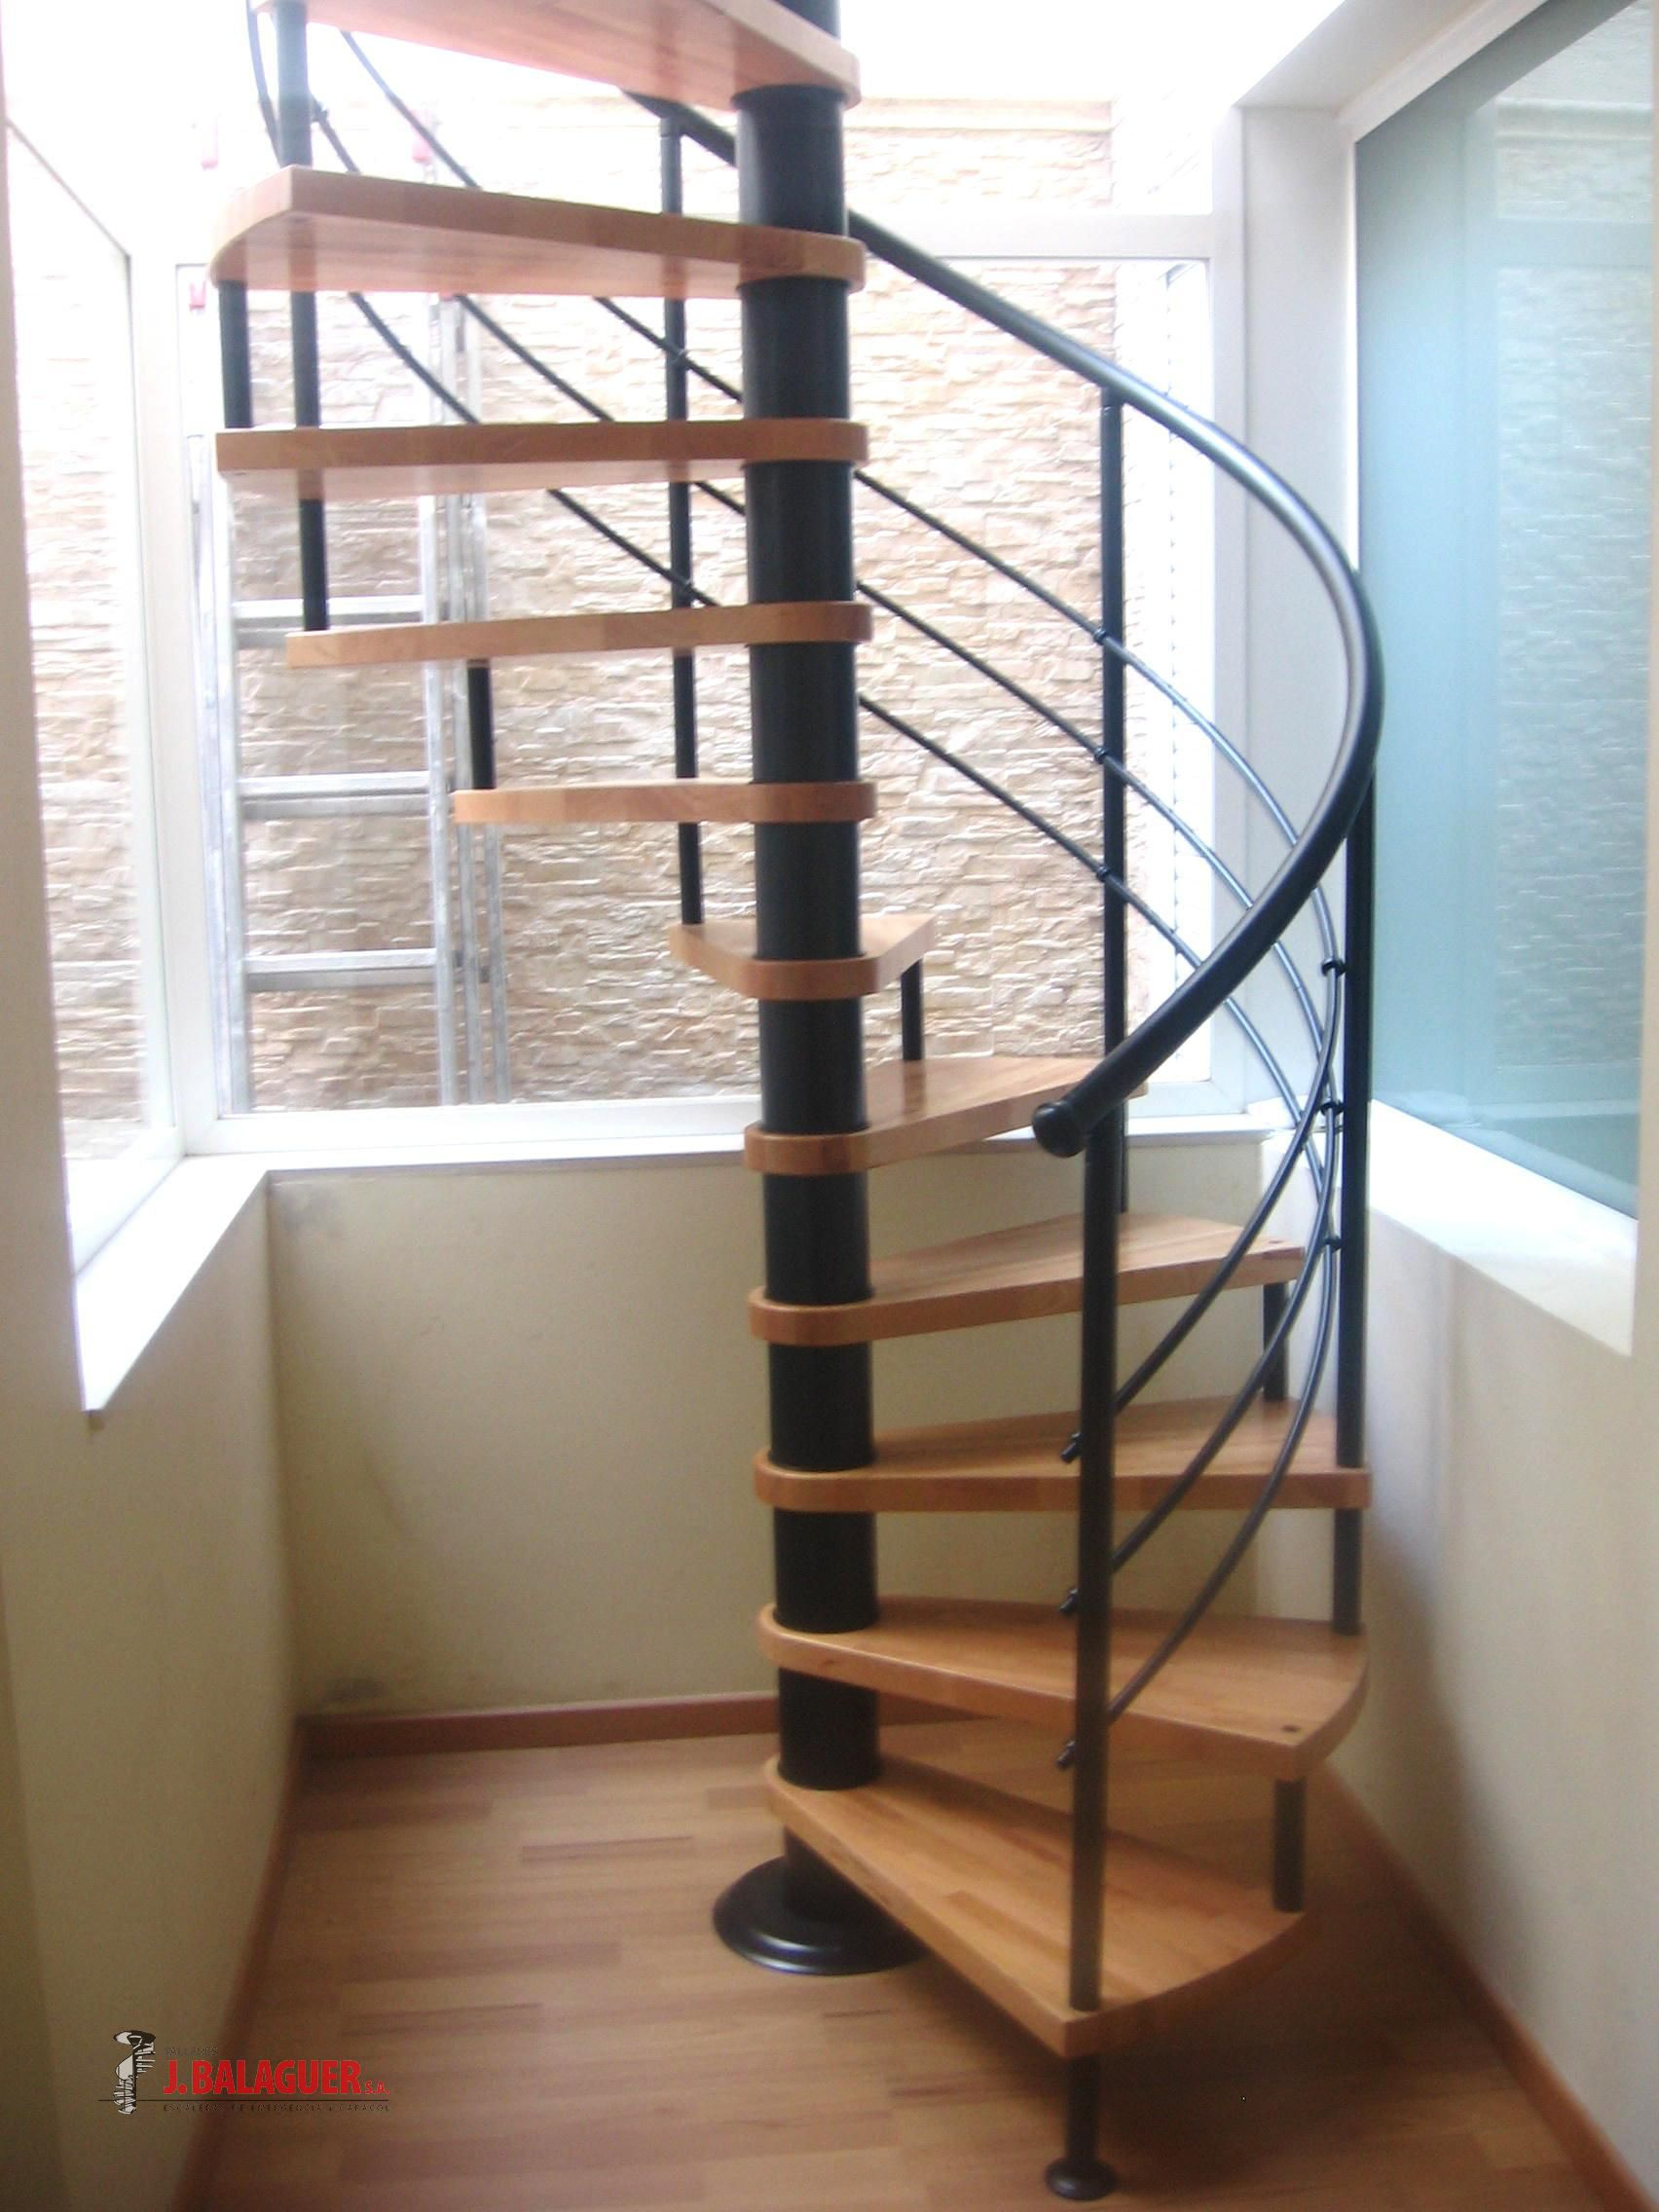 Modelo m6 escaleras balaguer for Escaleras de caracol